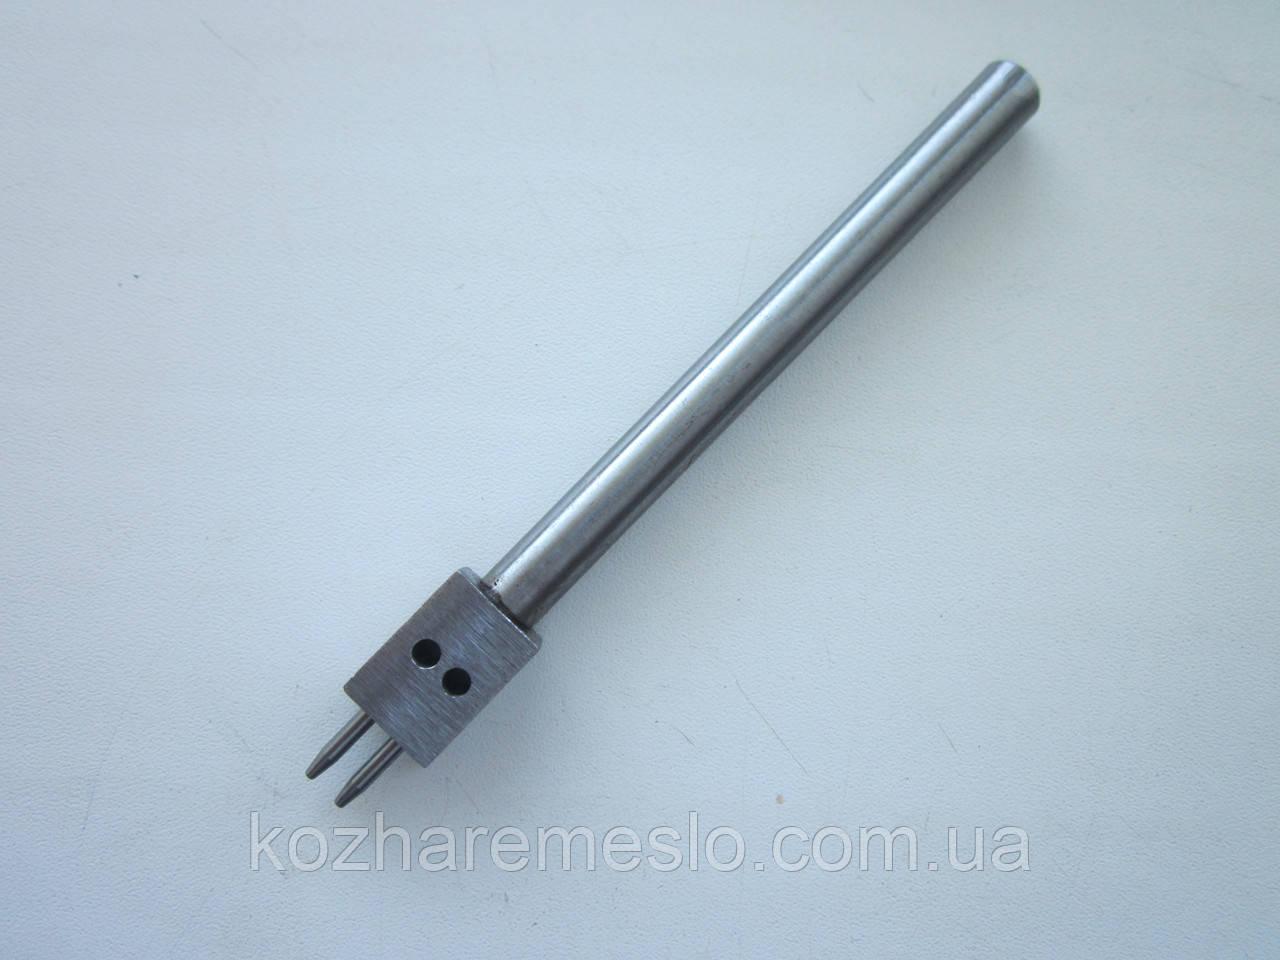 Пробойник шаговый (круглый) для кожи шаг 6 мм два отверстия